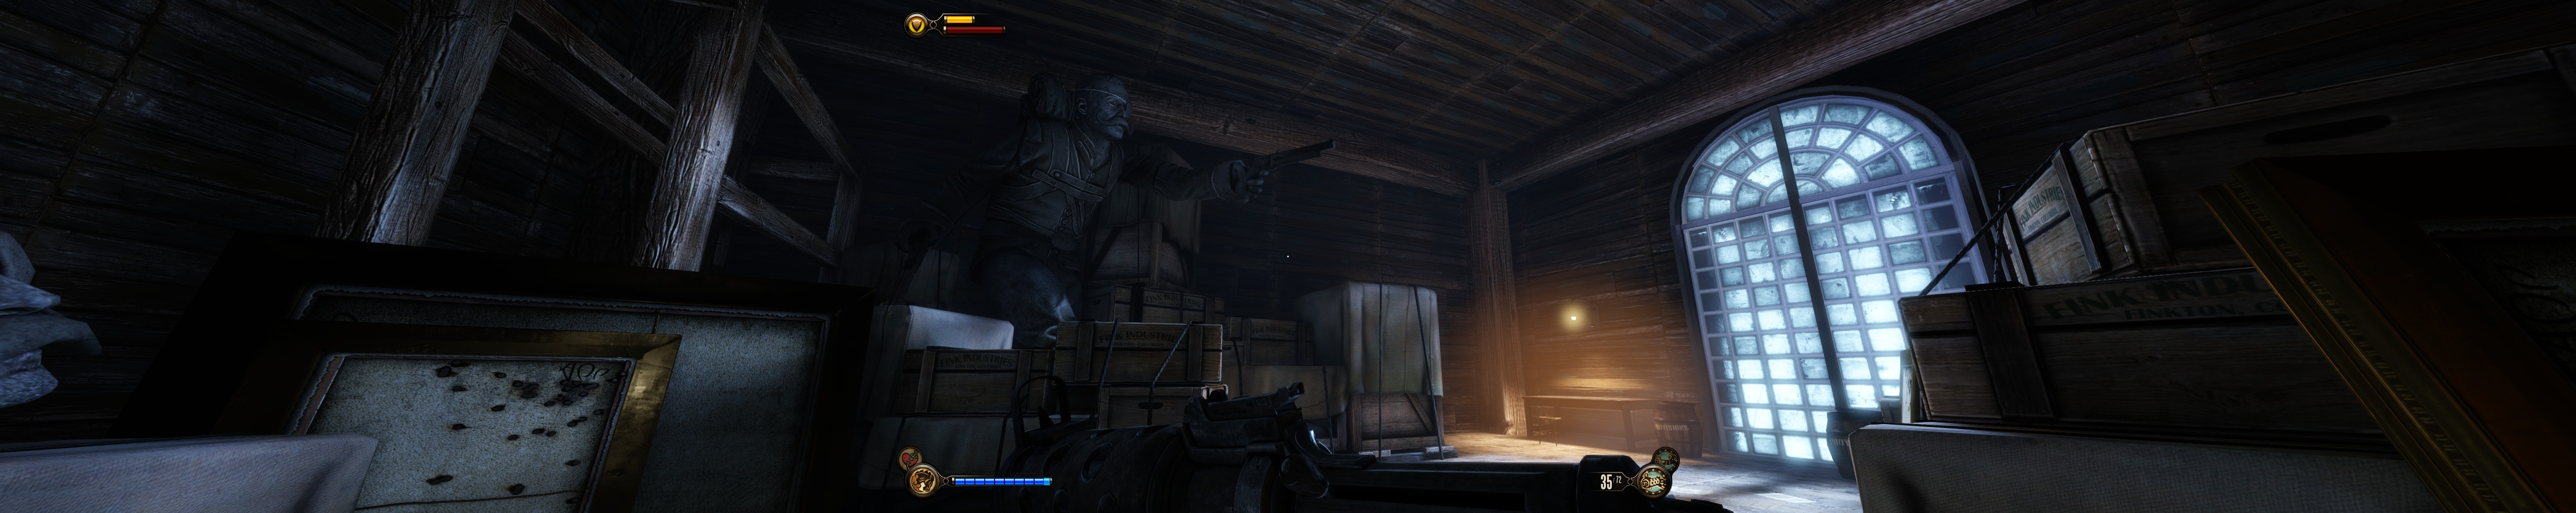 Bioshock_Infinite_2013-04-21_00046